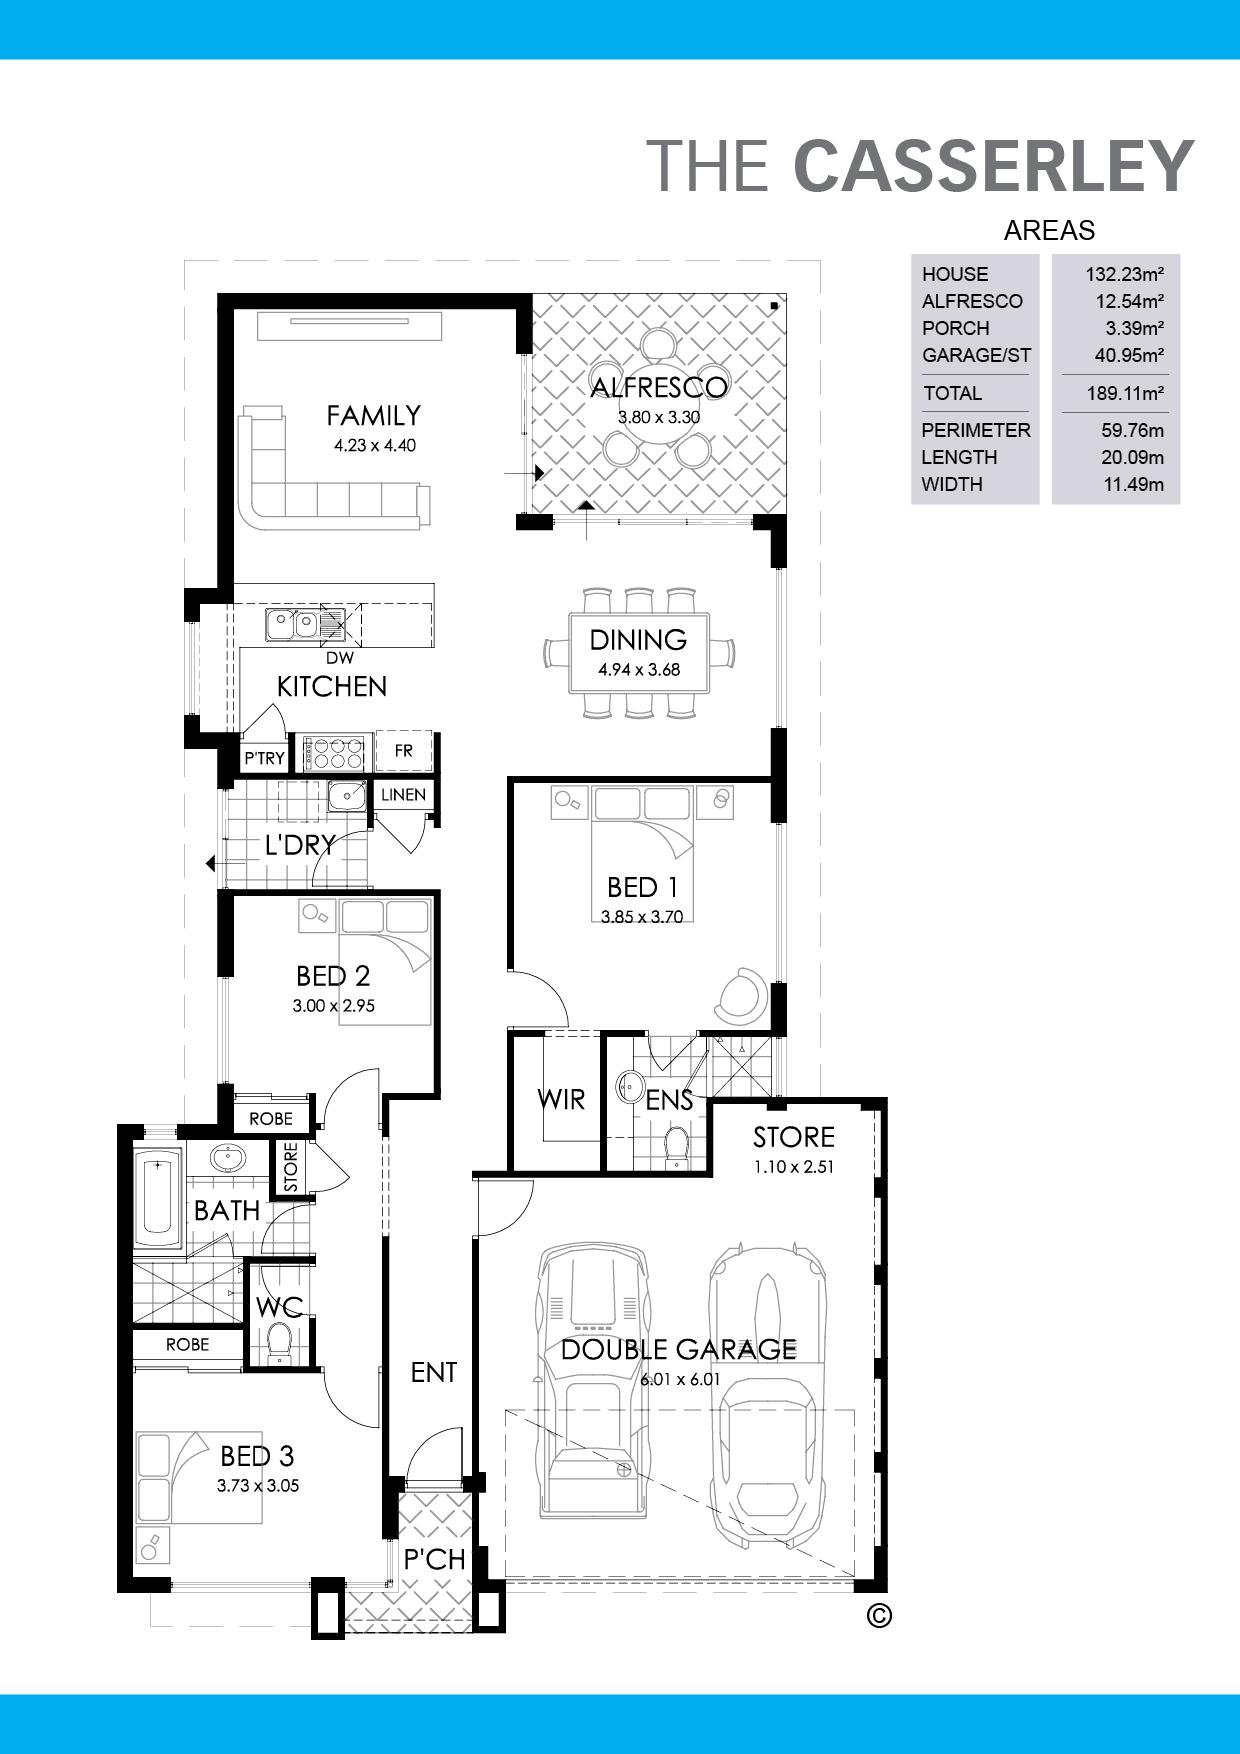 The Casserley Floorplan